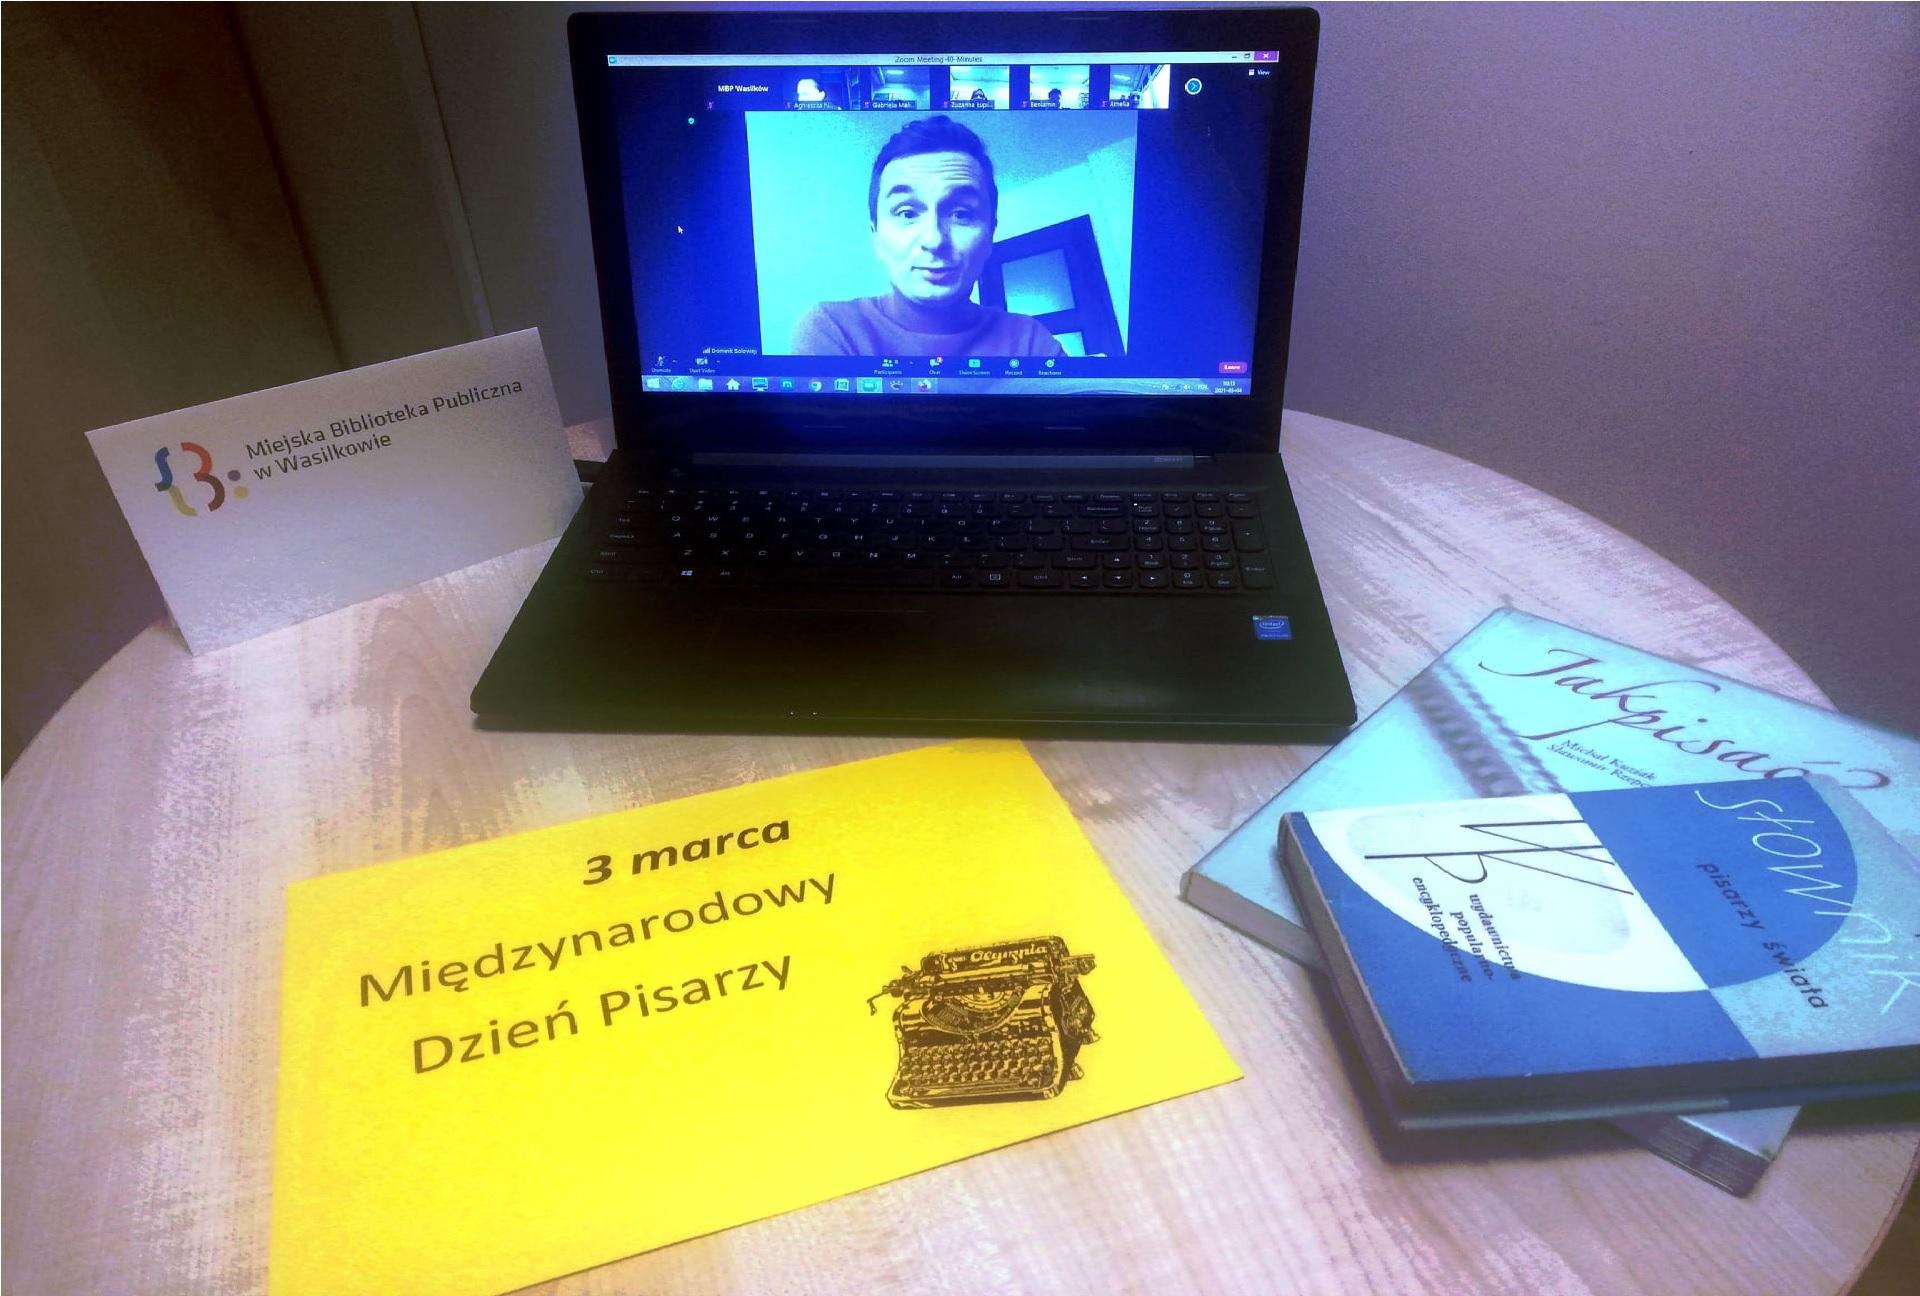 """Na stoliku laptop, książki, kartka z napisem """"3 marca Międzynarodowy Dzień Poezji"""" oraz logo Miejskiej Biblioteki Publicznej w Wasilkowie. Na ekranie laptopa mężczyzna."""